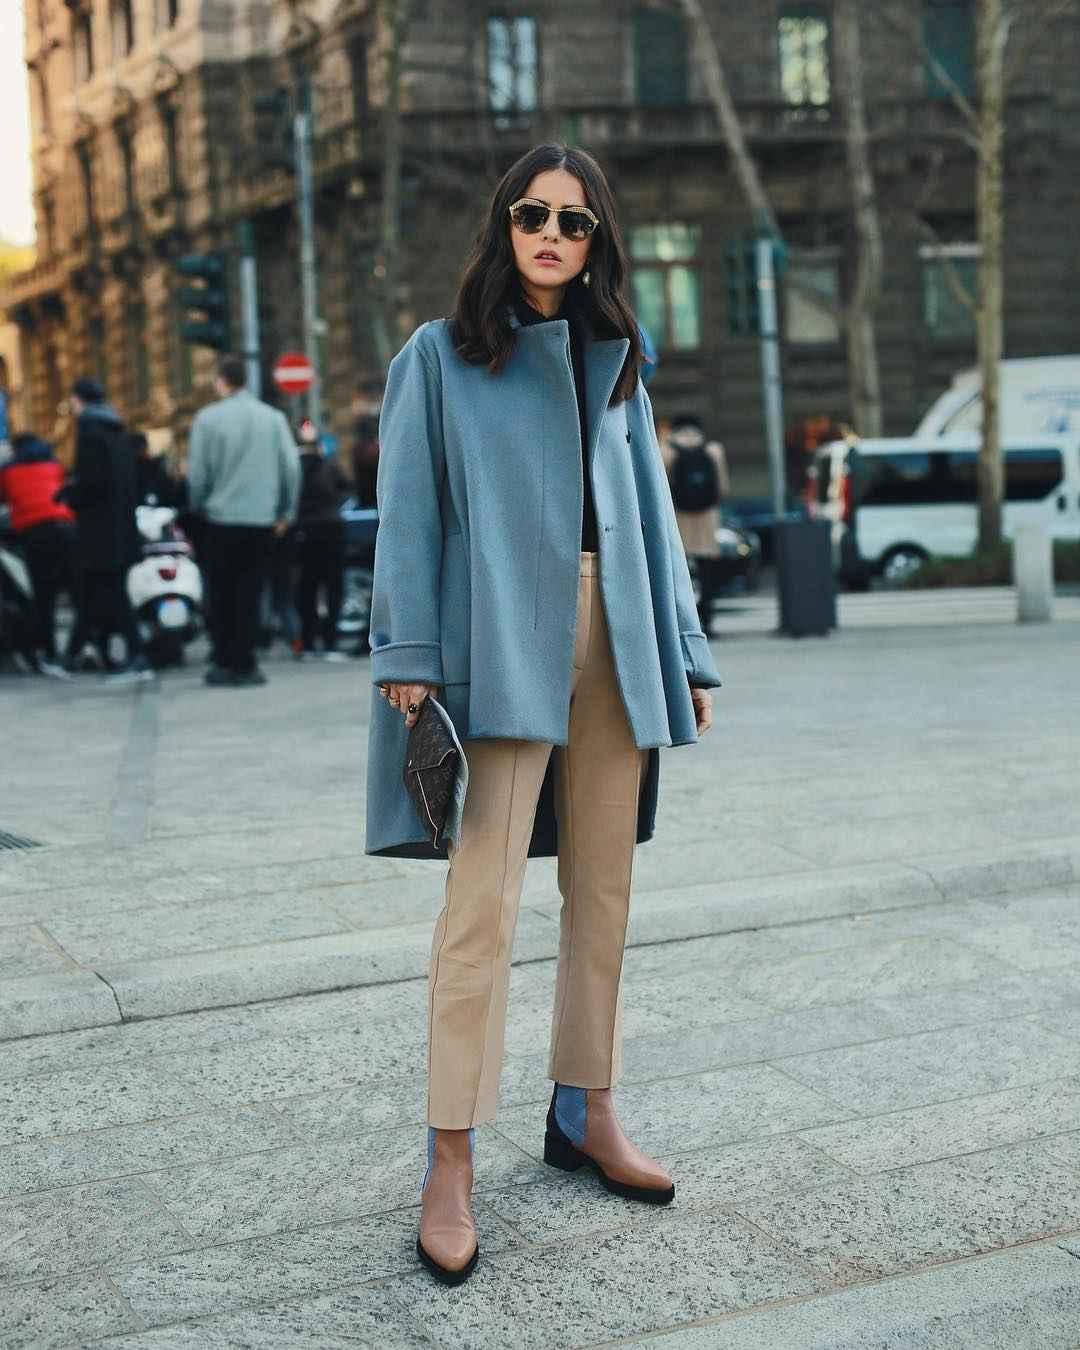 Модный офисный стиль 2019-2020 с брюками фото идеи_12